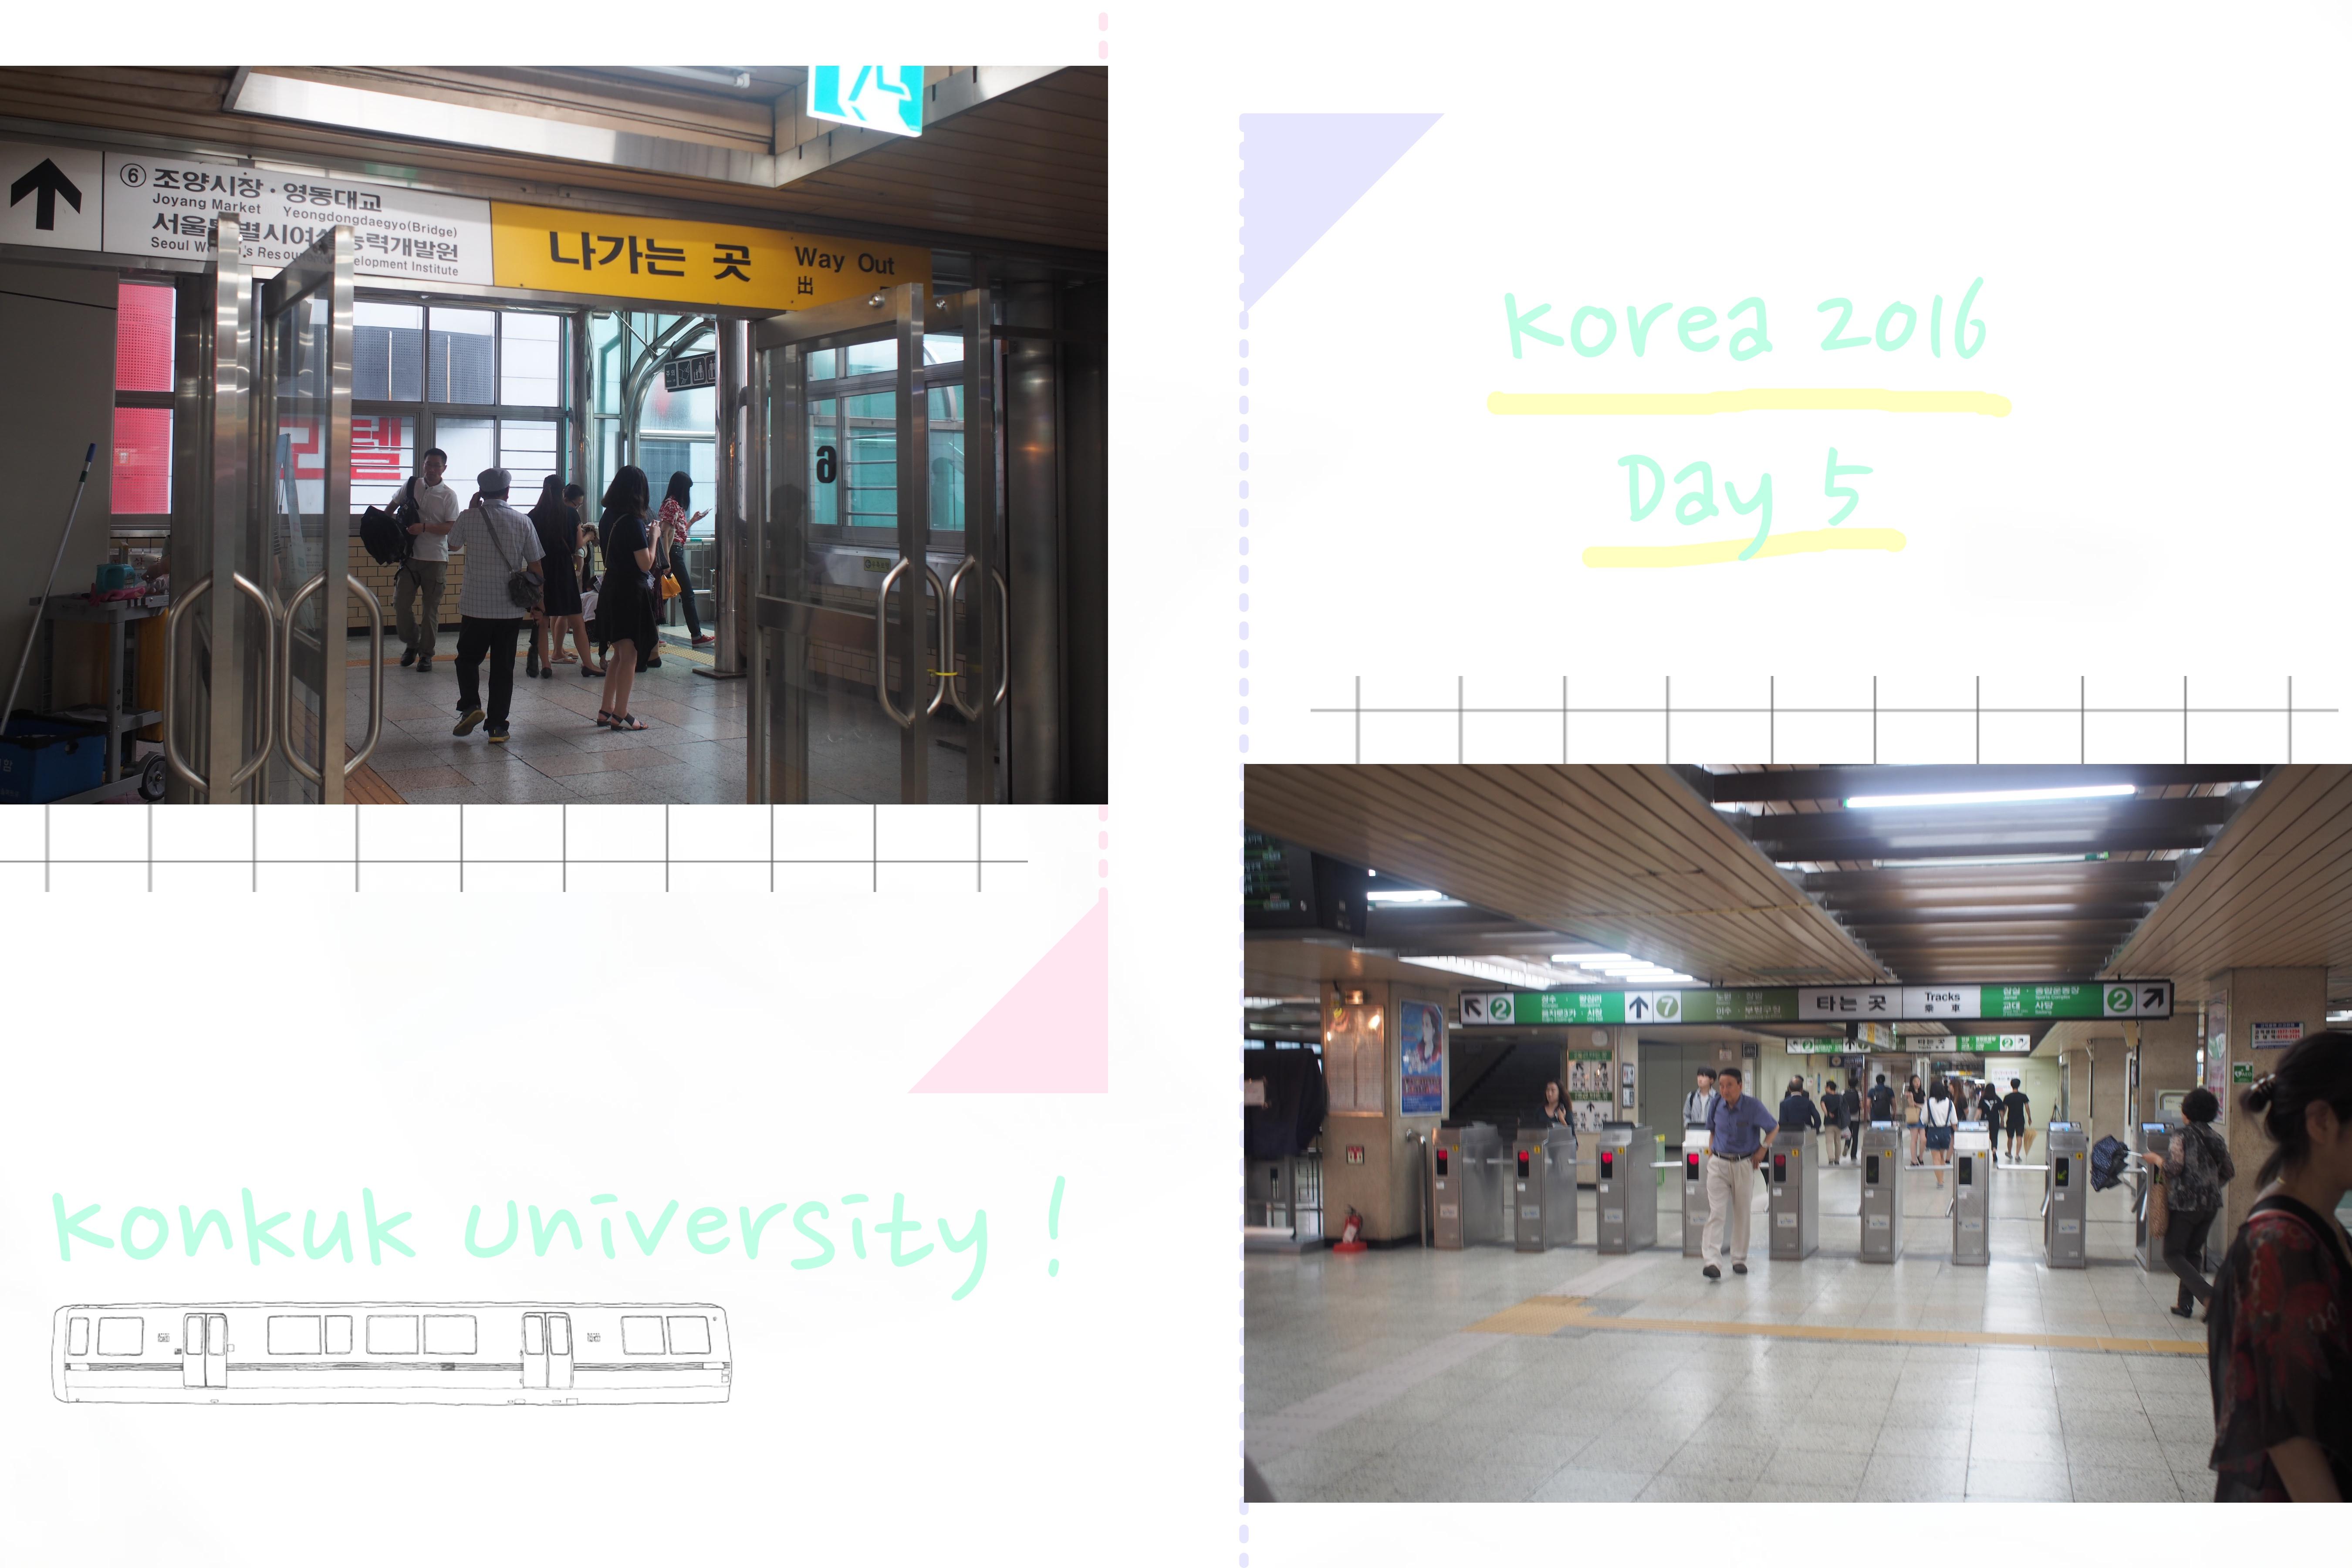 Konkuk University Station